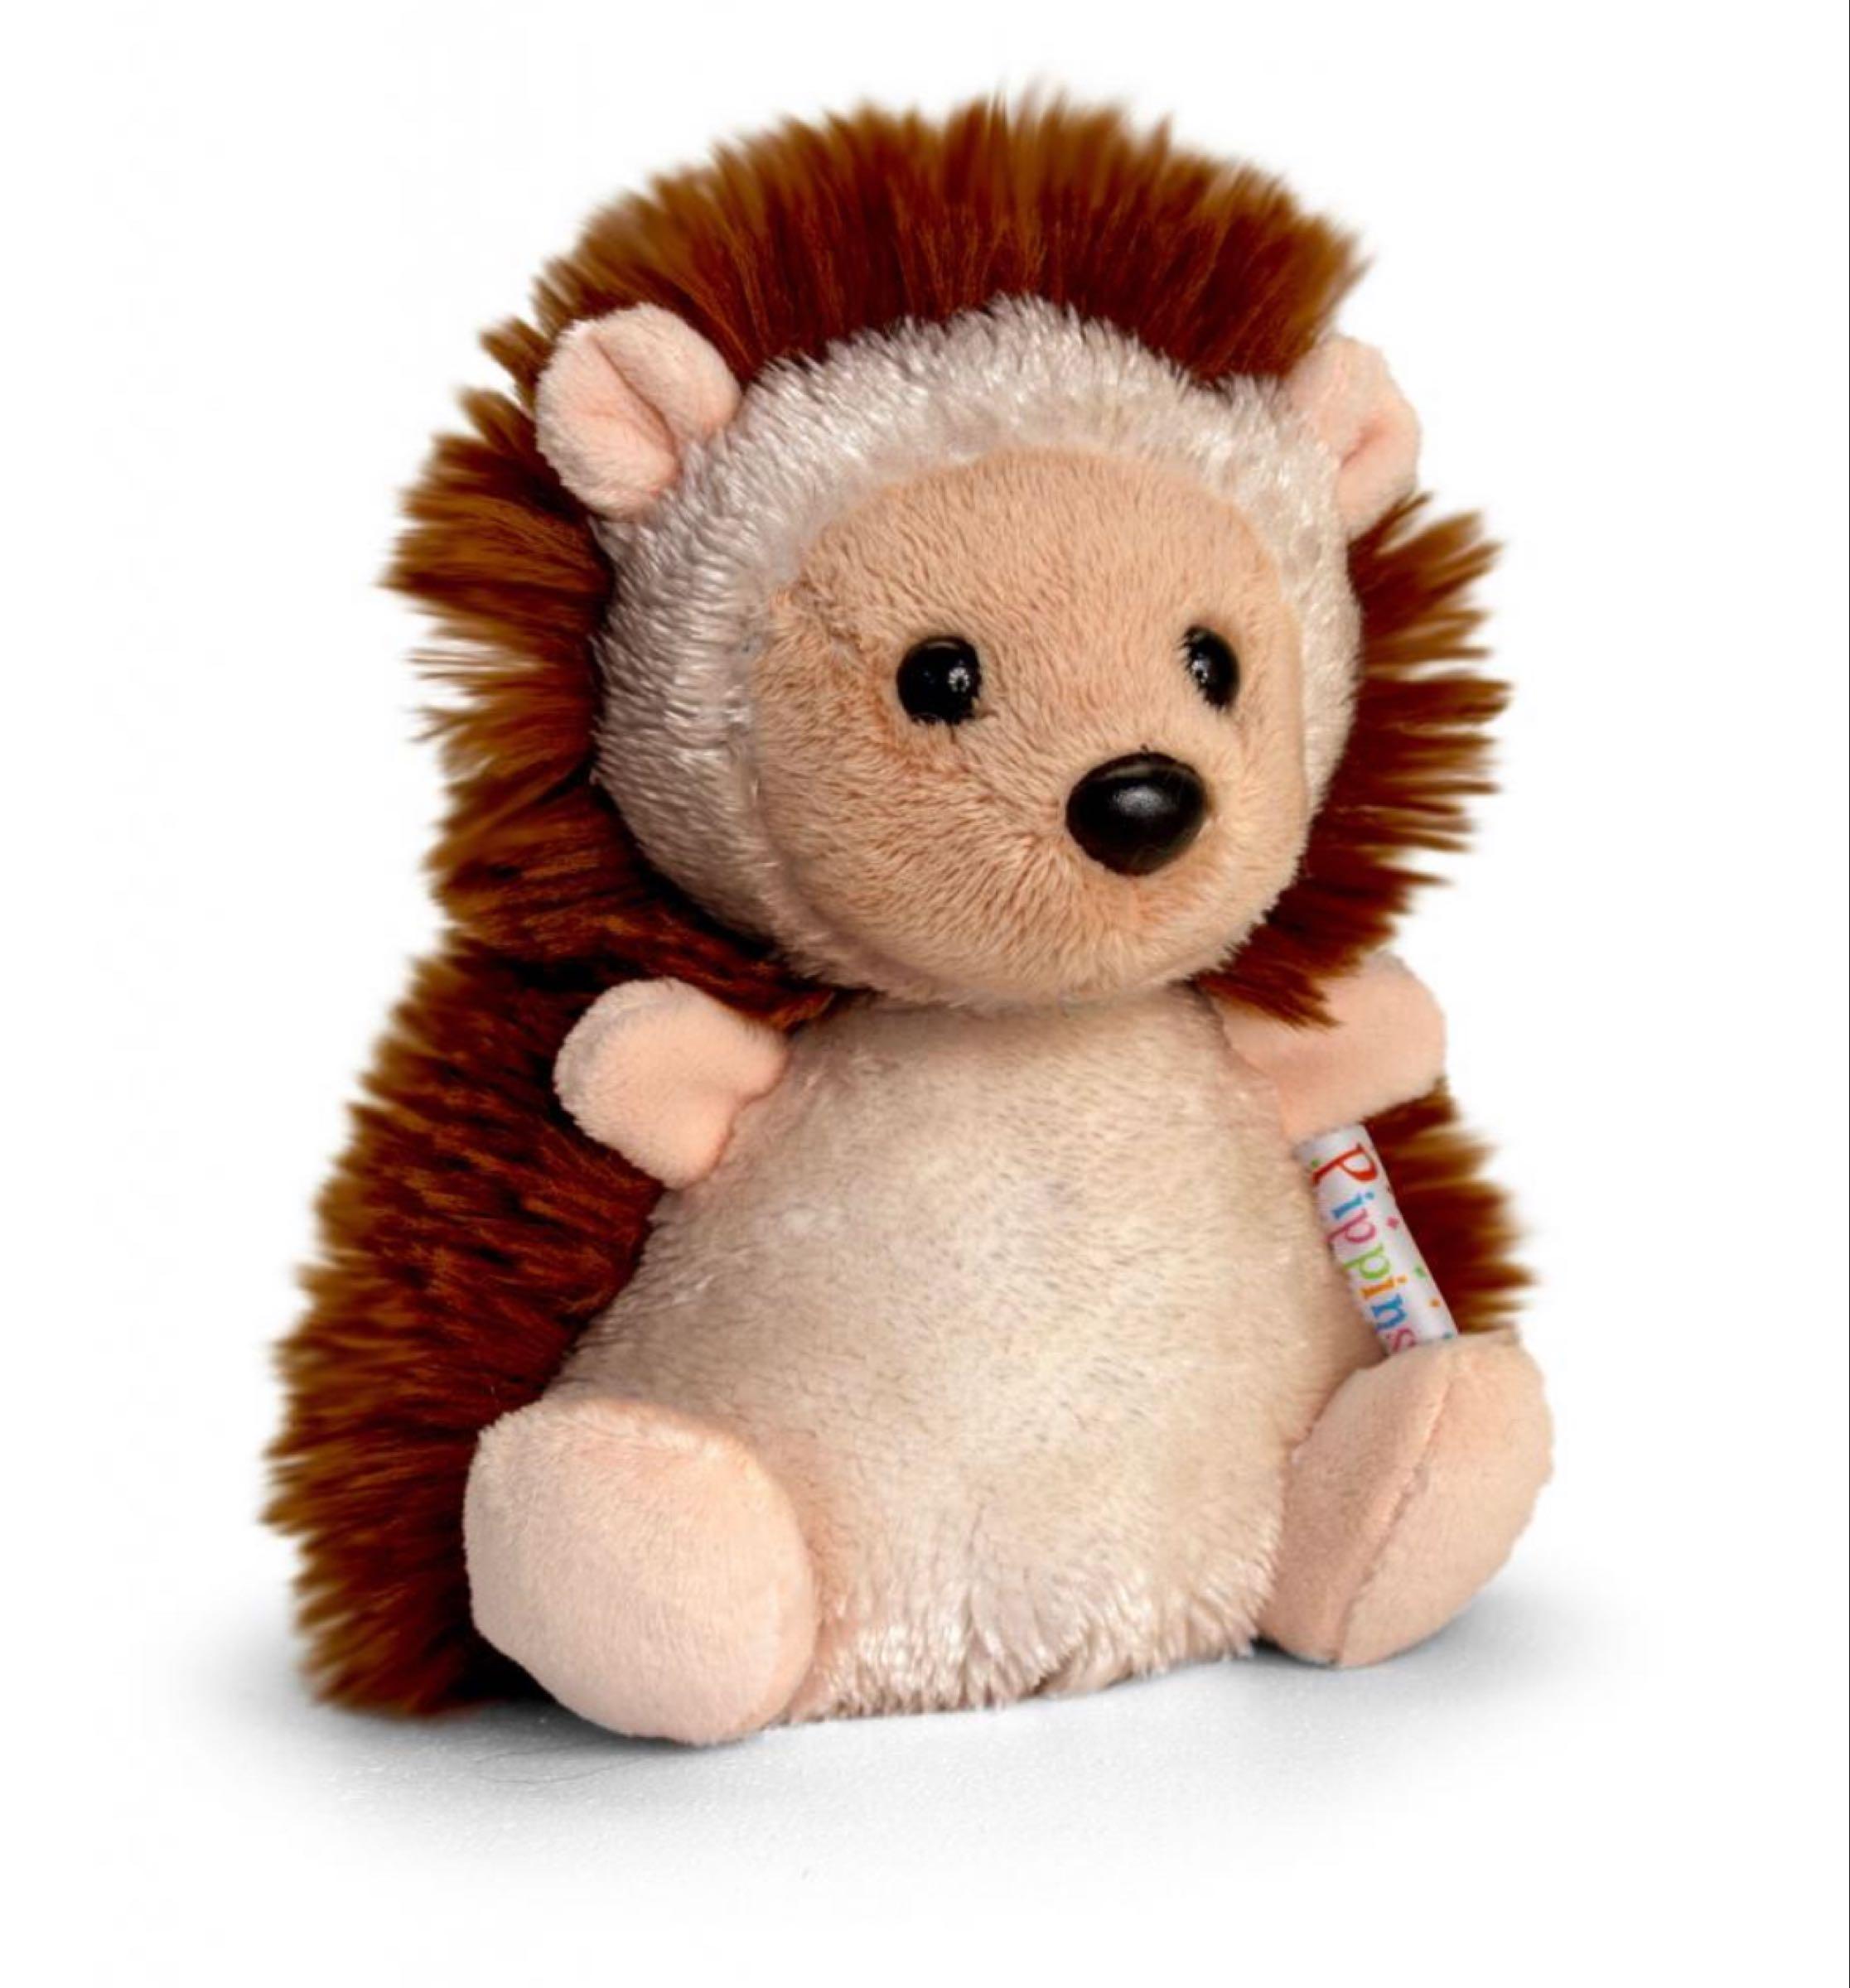 Pippins Hedgehog